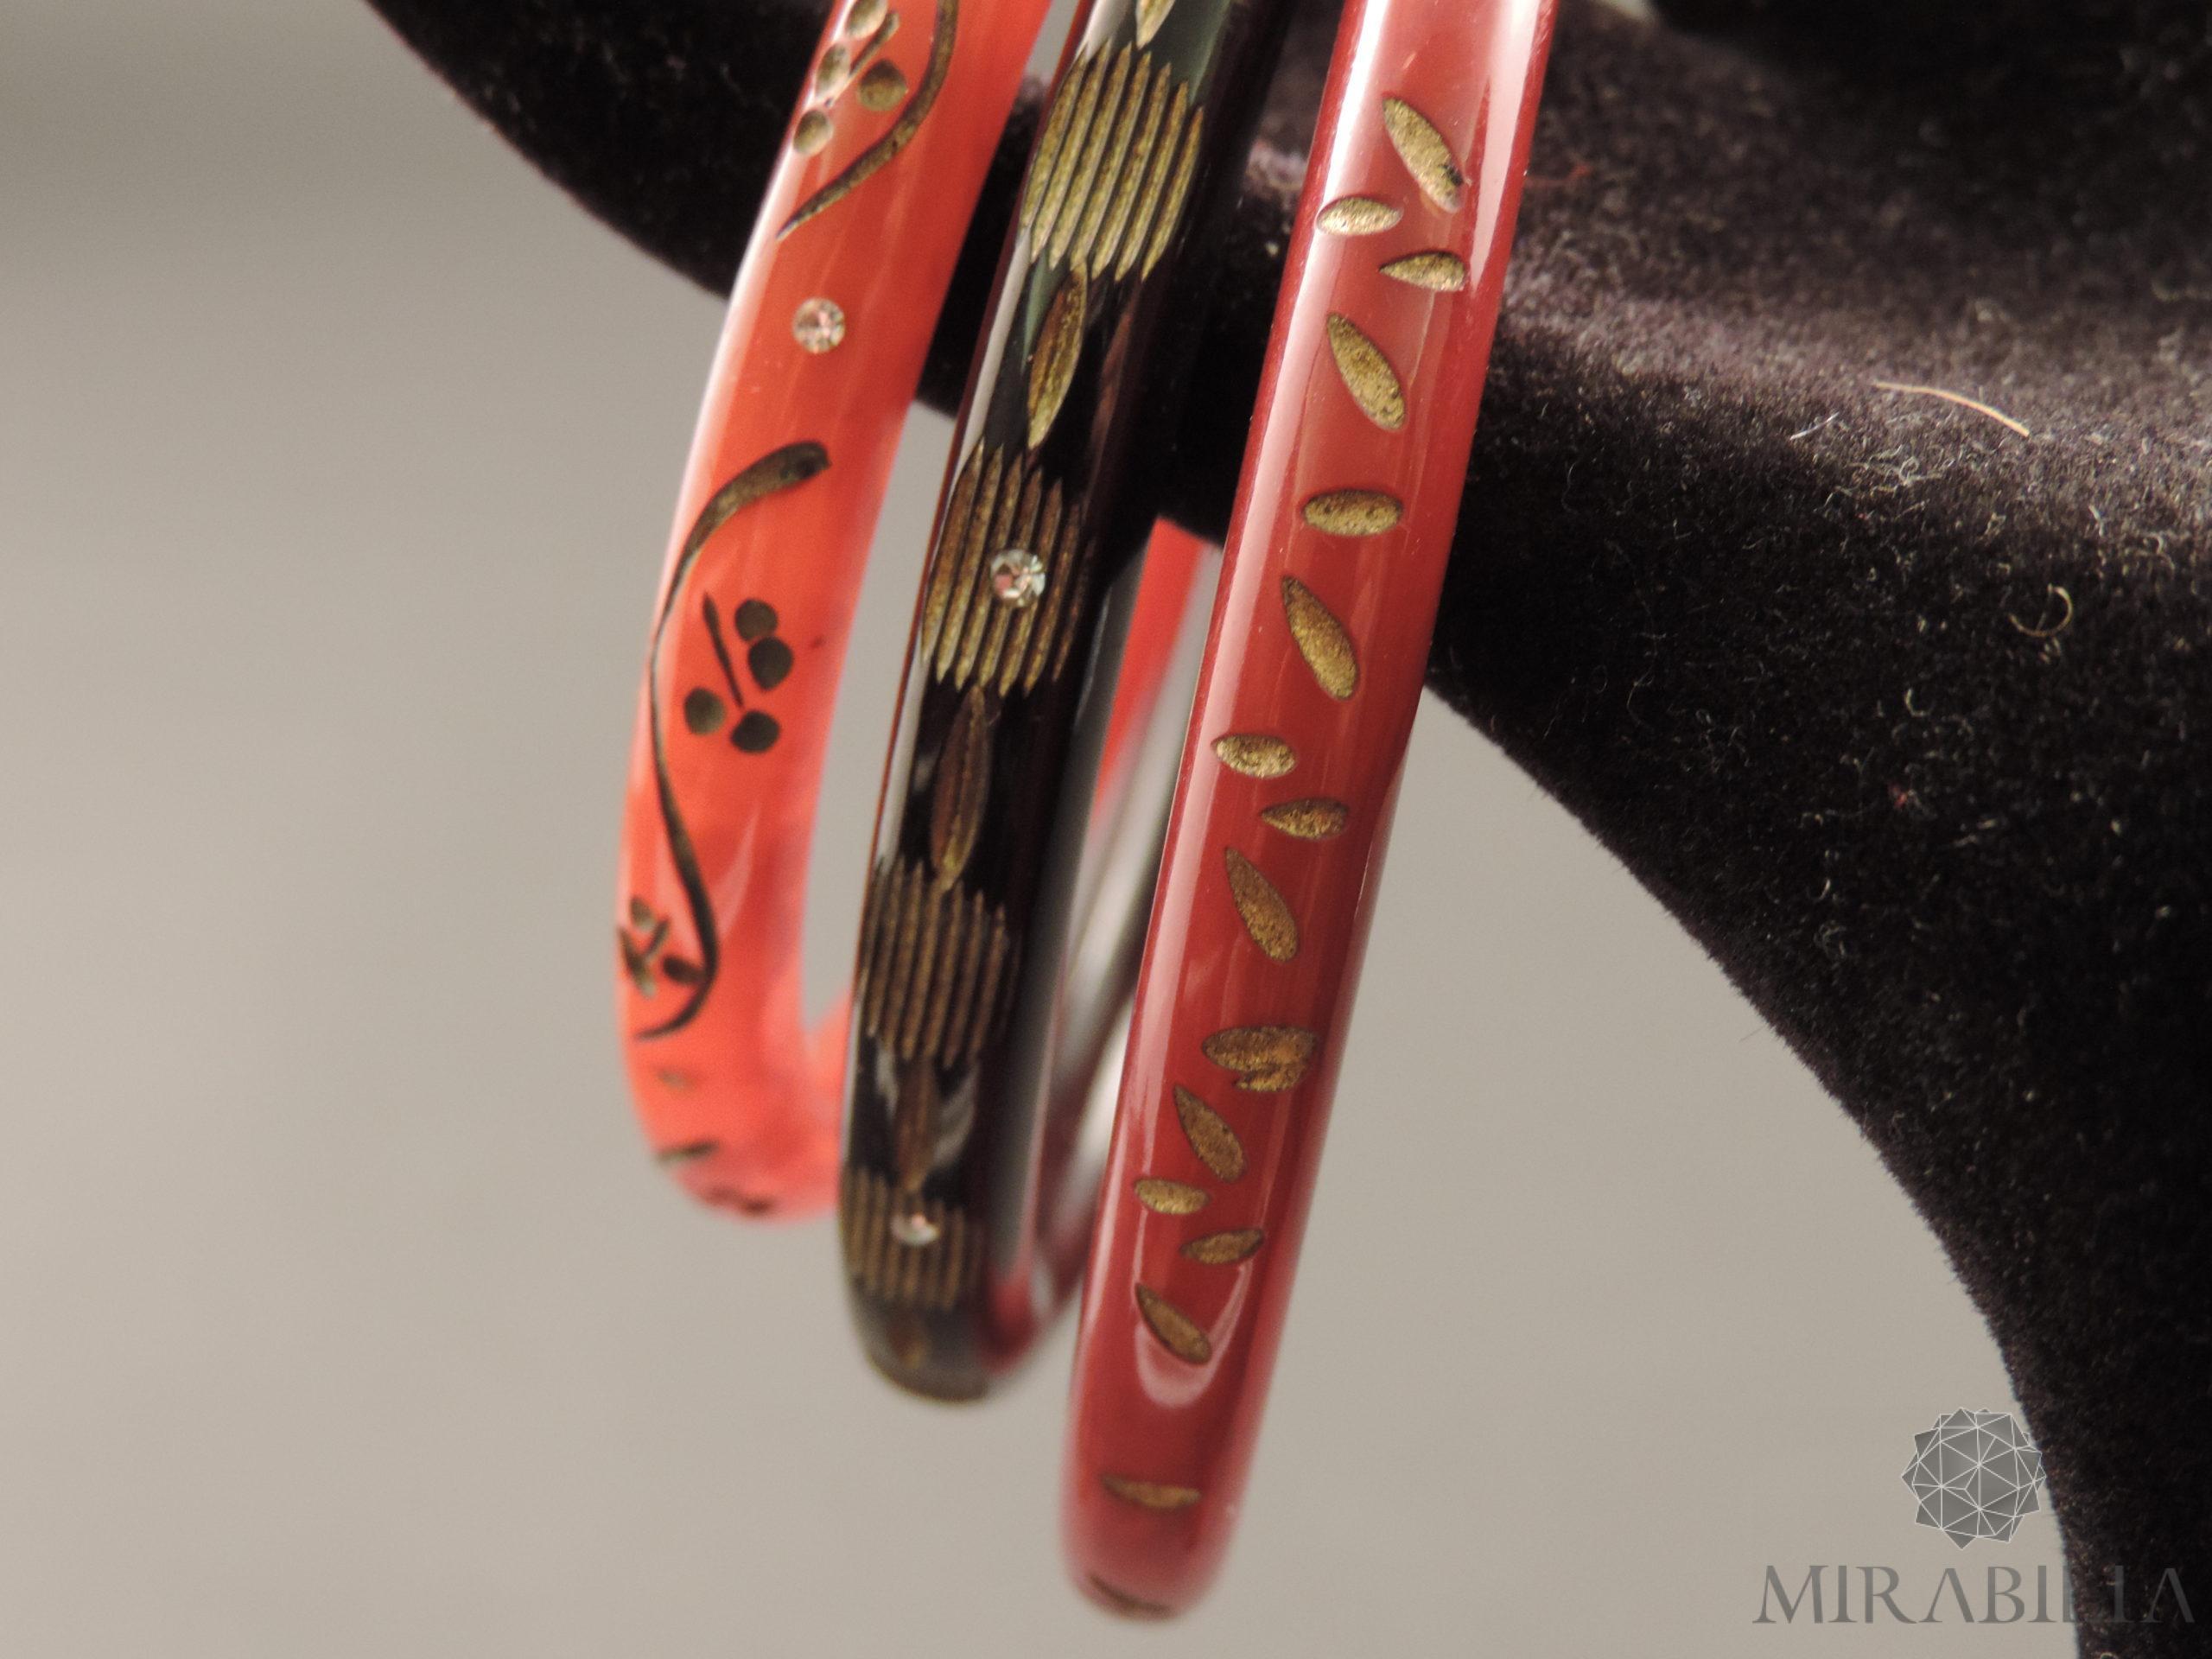 Braccialetti Art Déco in bachelite intagliata, con zirconi e dorature (dettaglio colore nero, marrone e tartaruga)